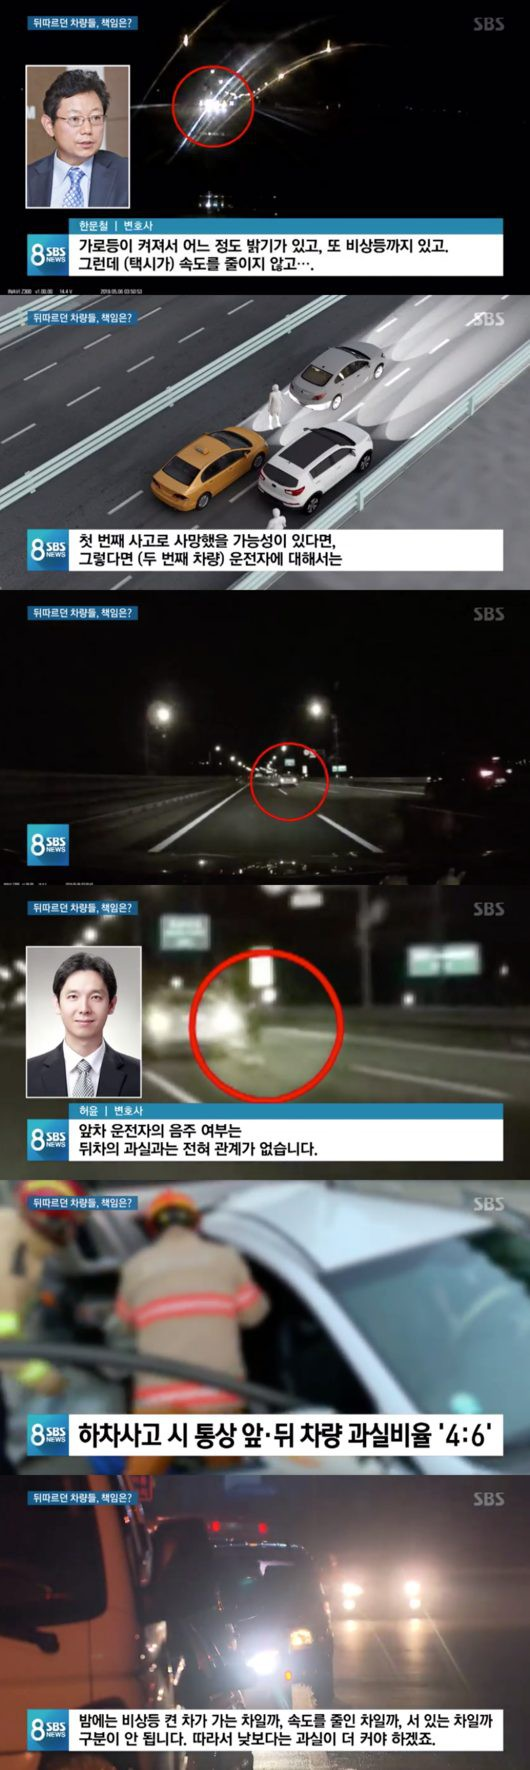 Han Ji Seong nhậu nhẹt trước khi bị 2 xe hơi đâm chết, cảnh sát: Người chồng hiện không phải là nghi phạm - Ảnh 4.